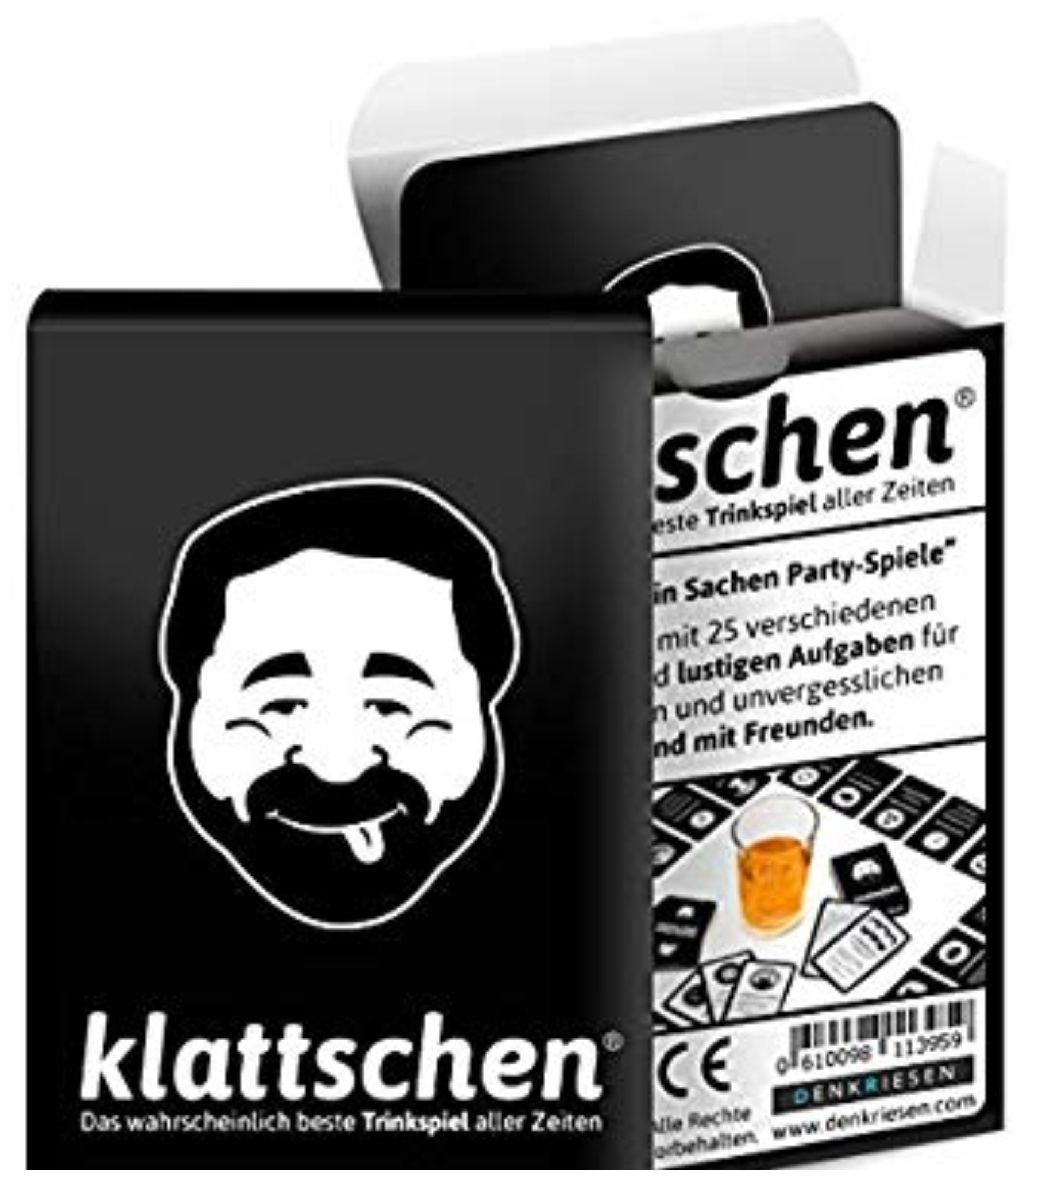 [amazon.de] klattschen - Trinkspiel